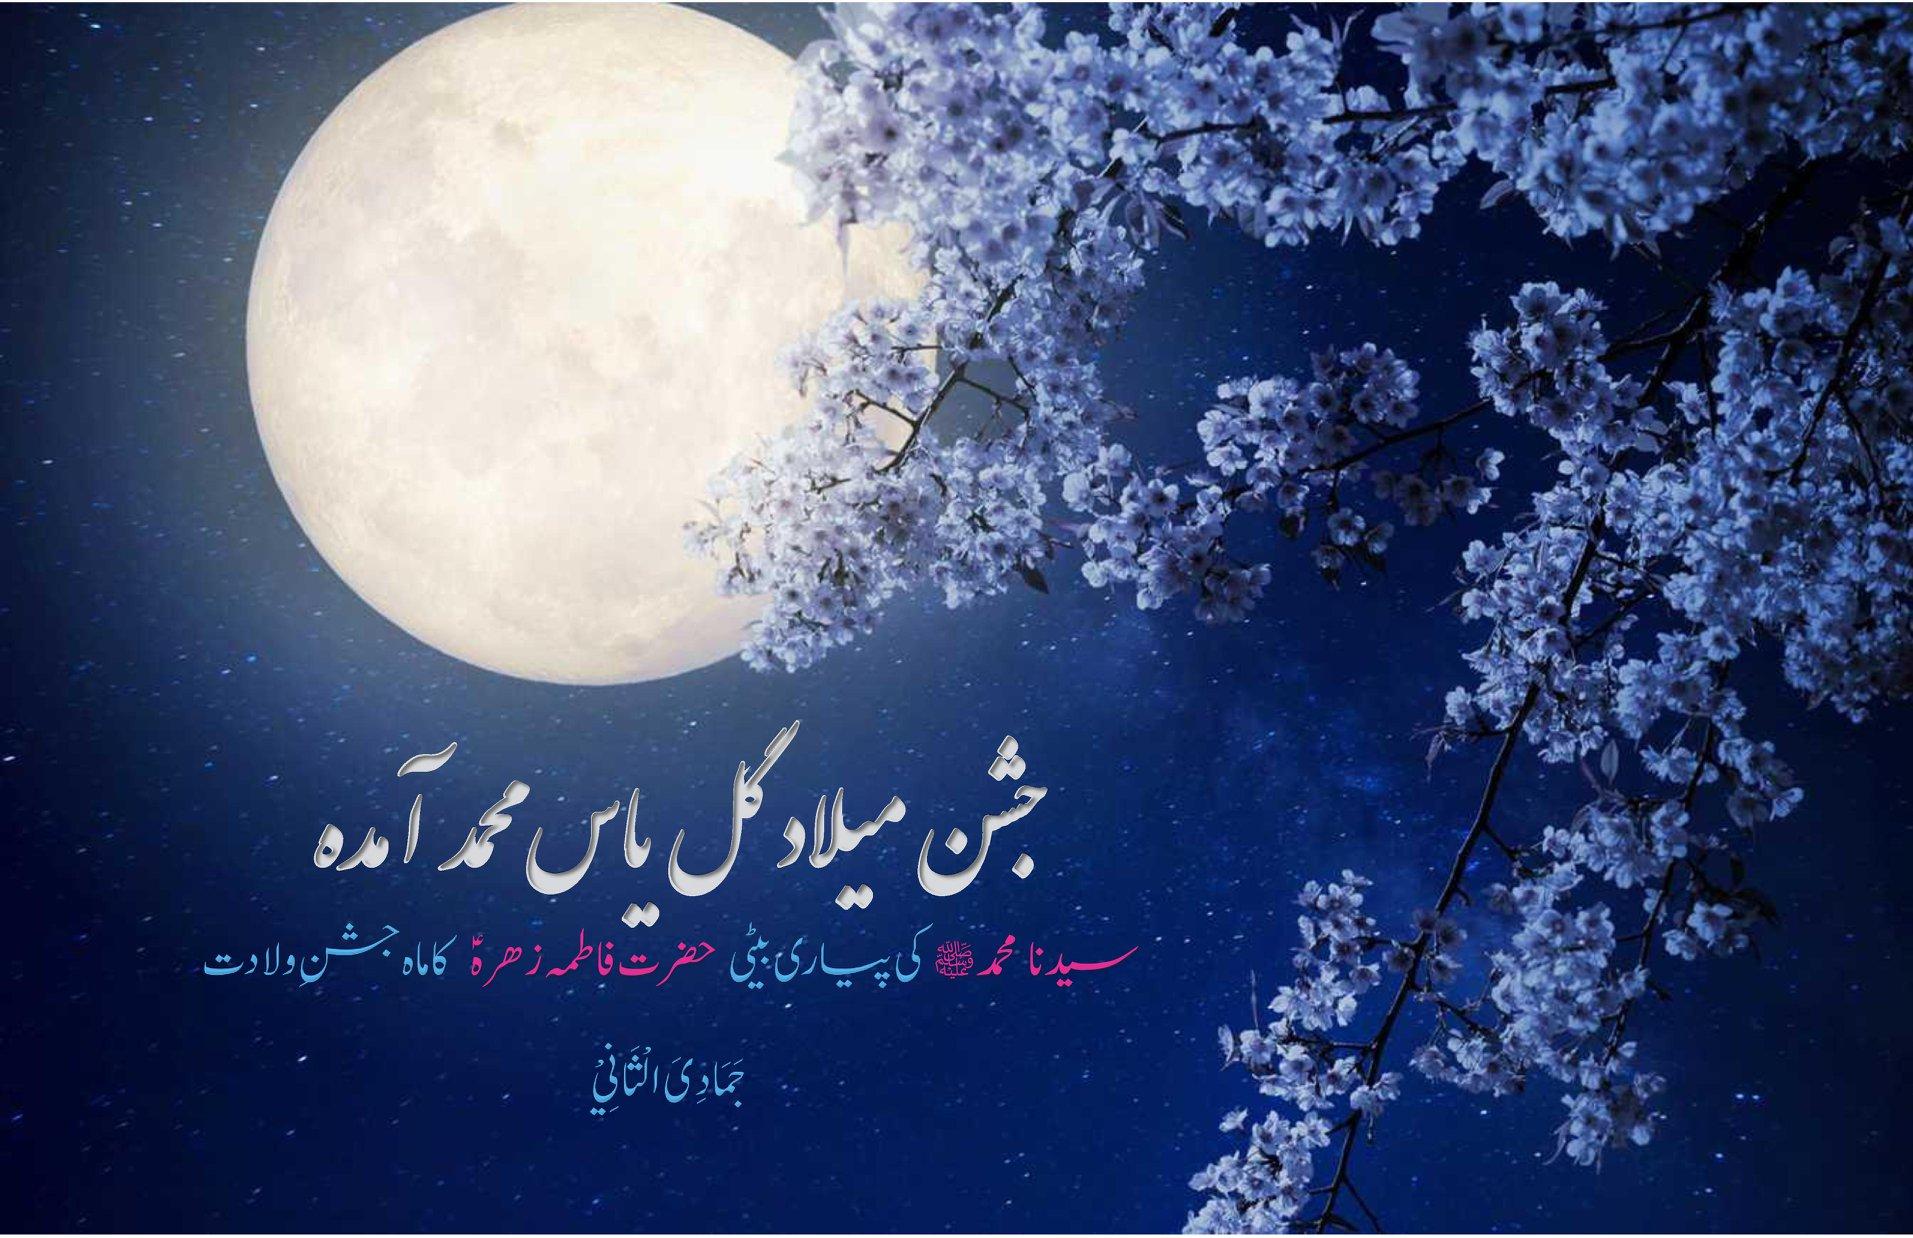 ماہ جَمَادِىَ الْثَانِيْ  یا جَمَادَى الْآخِرَة  چھٹا قمری مہینہ  داخلی راستہ  :...